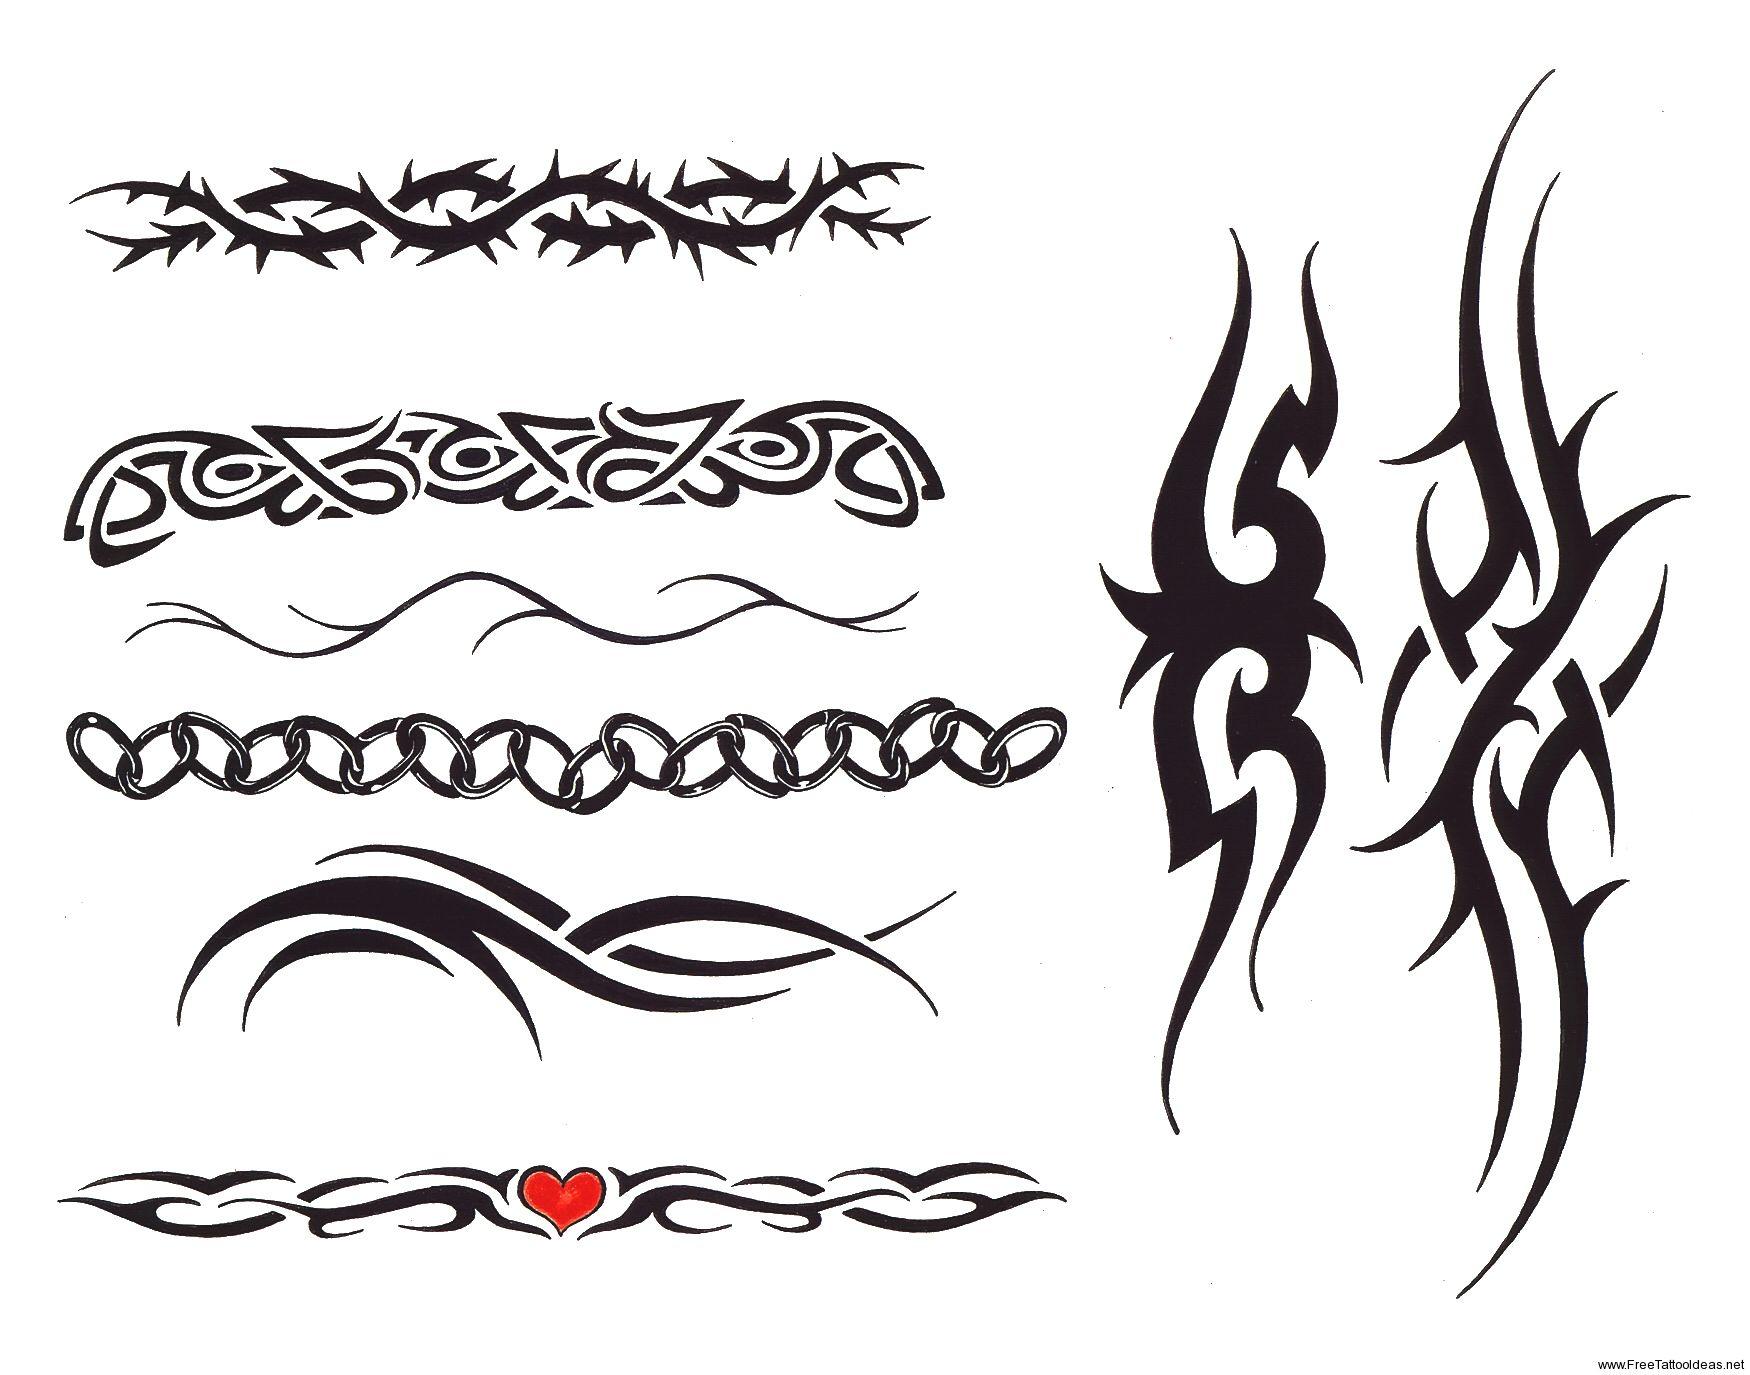 New tattoo ideas tribal armband tattoo